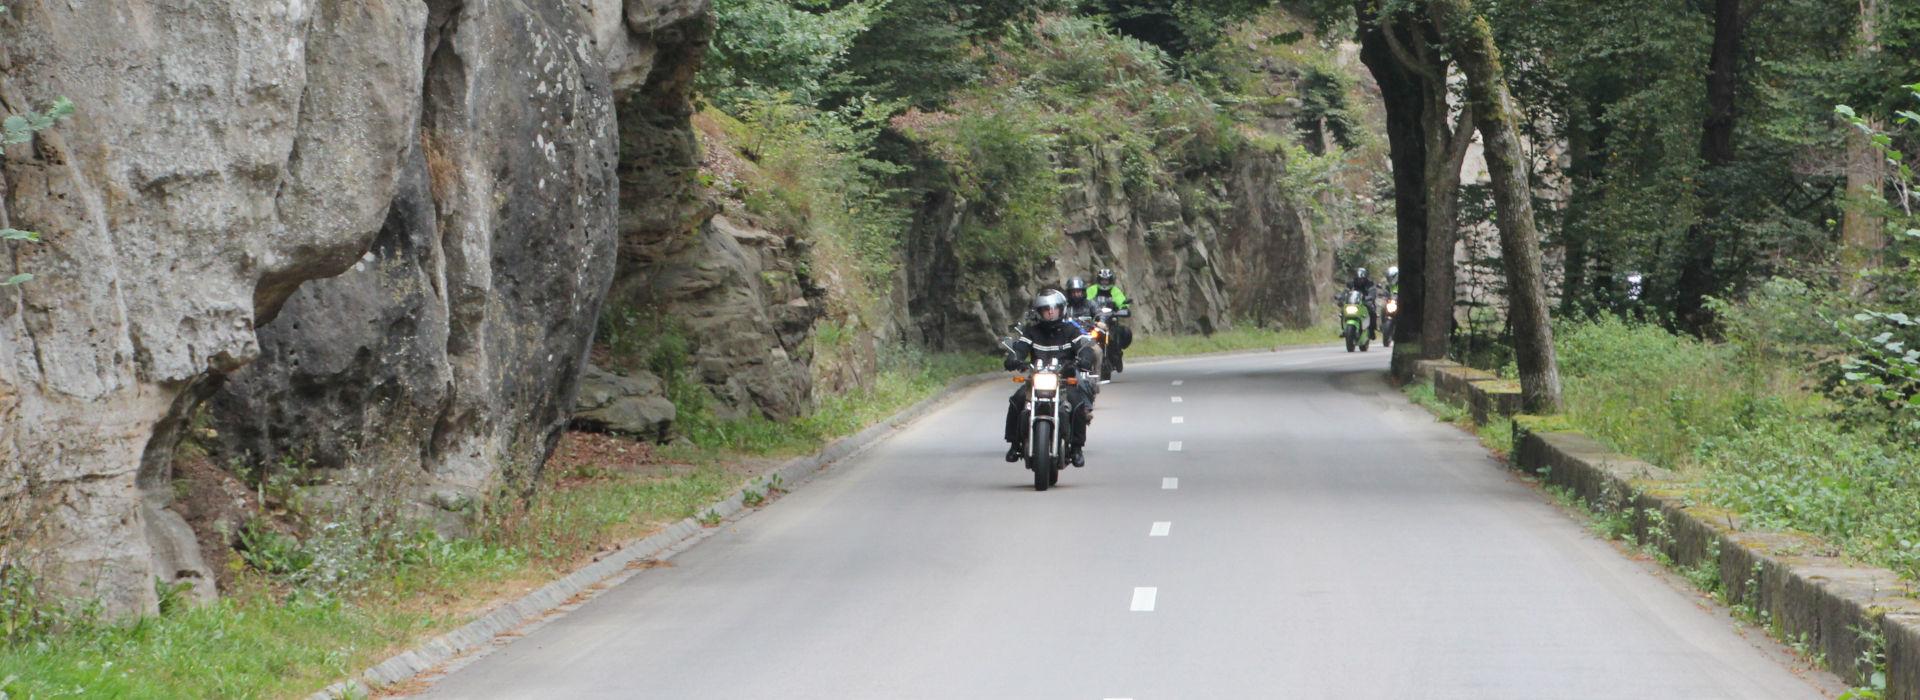 Motorrijbewijspoint Leidschendam snelcursus motorrijbewijs